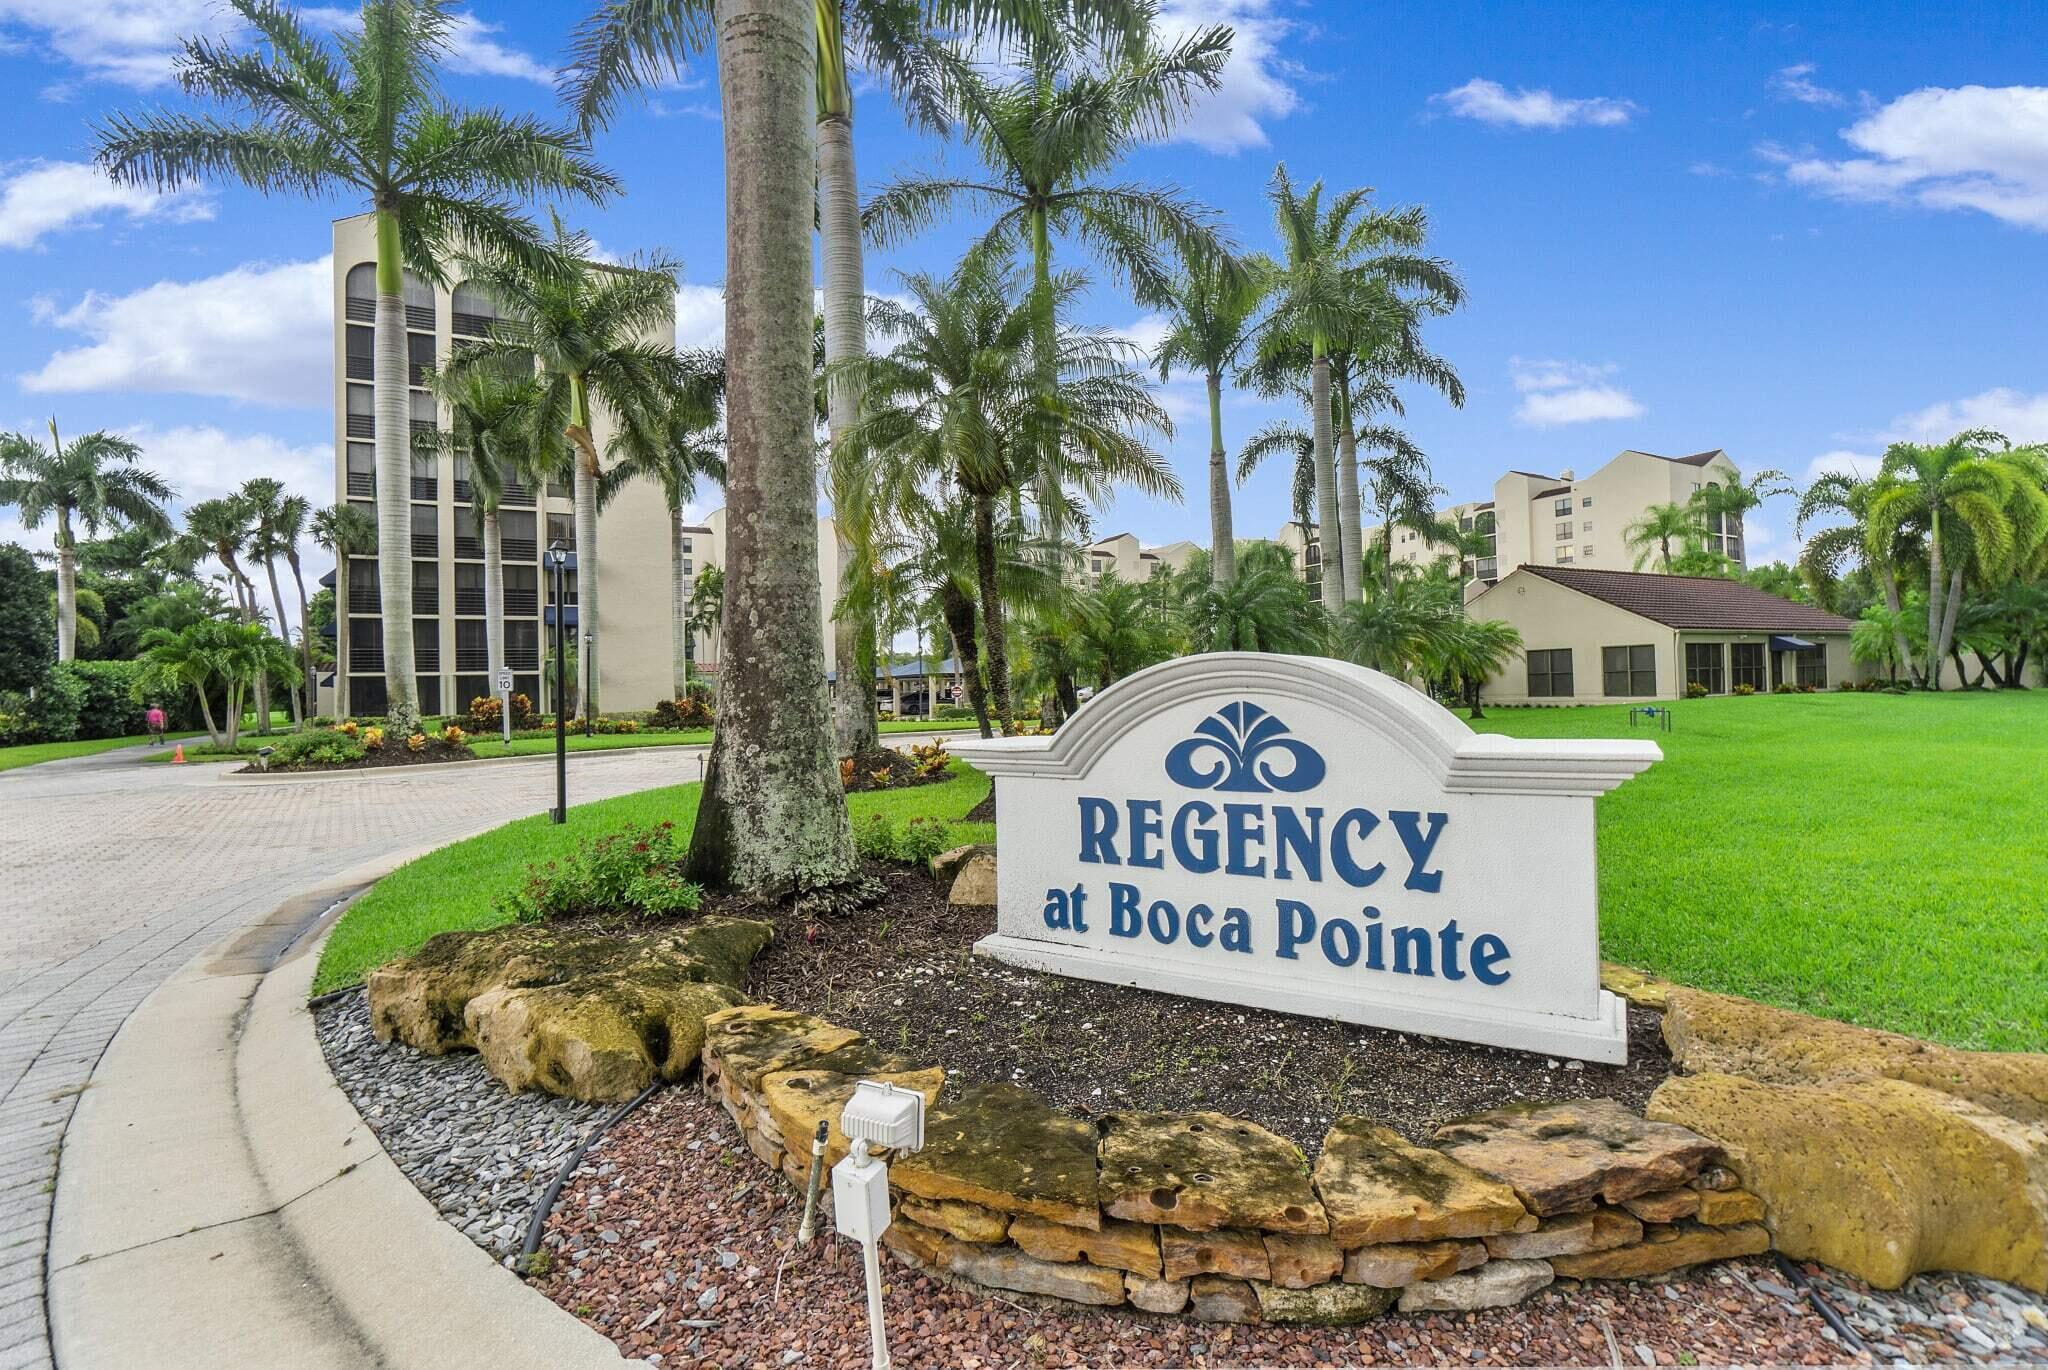 7572 Regency Lake Drive 501, Boca Raton, FL 33433